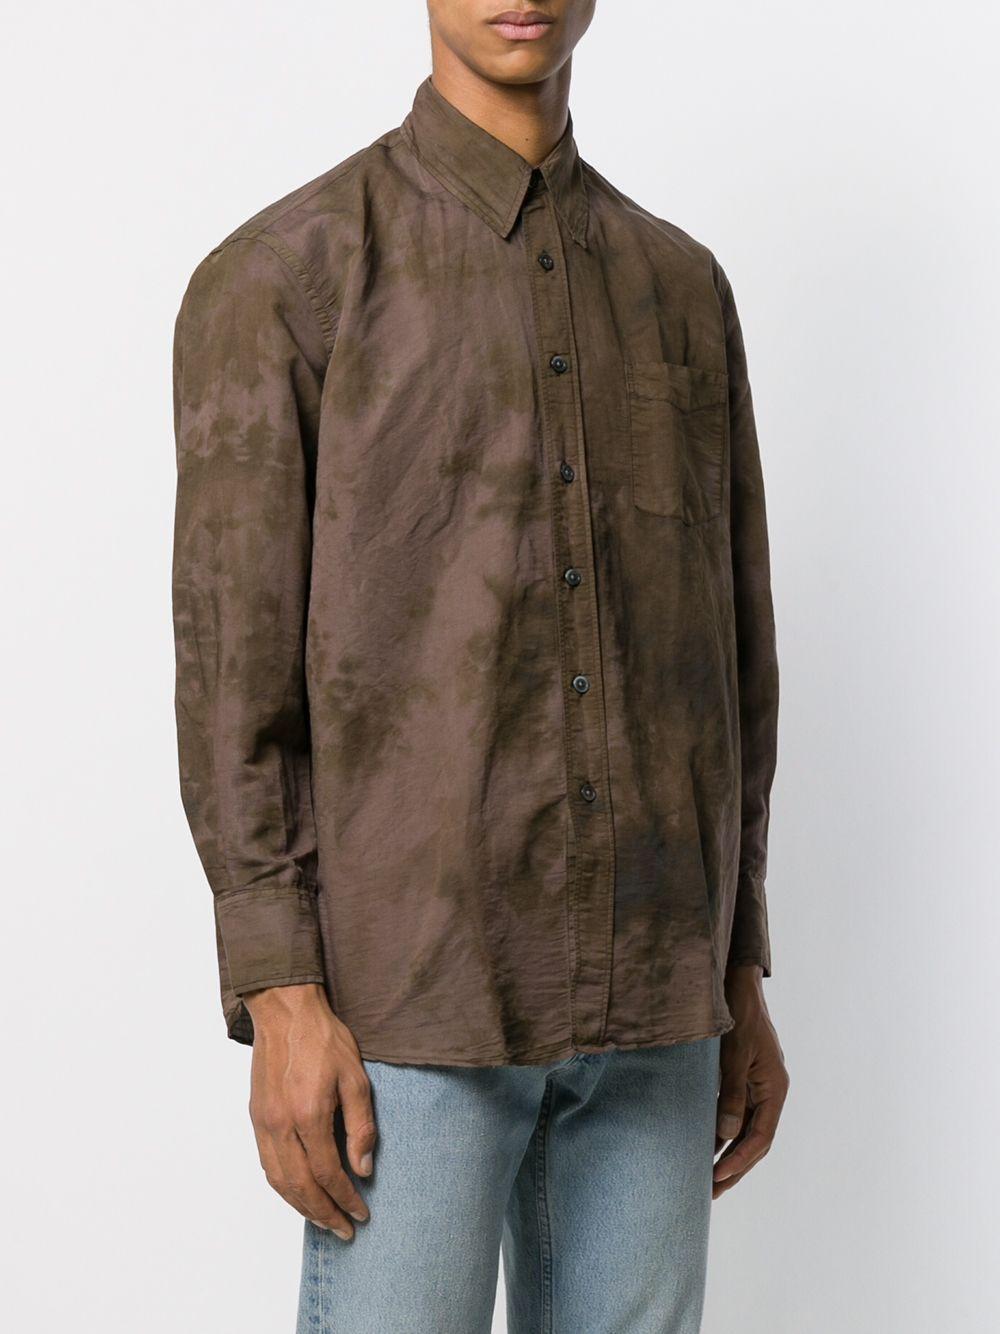 Our Legacy Katoen Overhemd Met Tie-dye Print in het Bruin voor heren